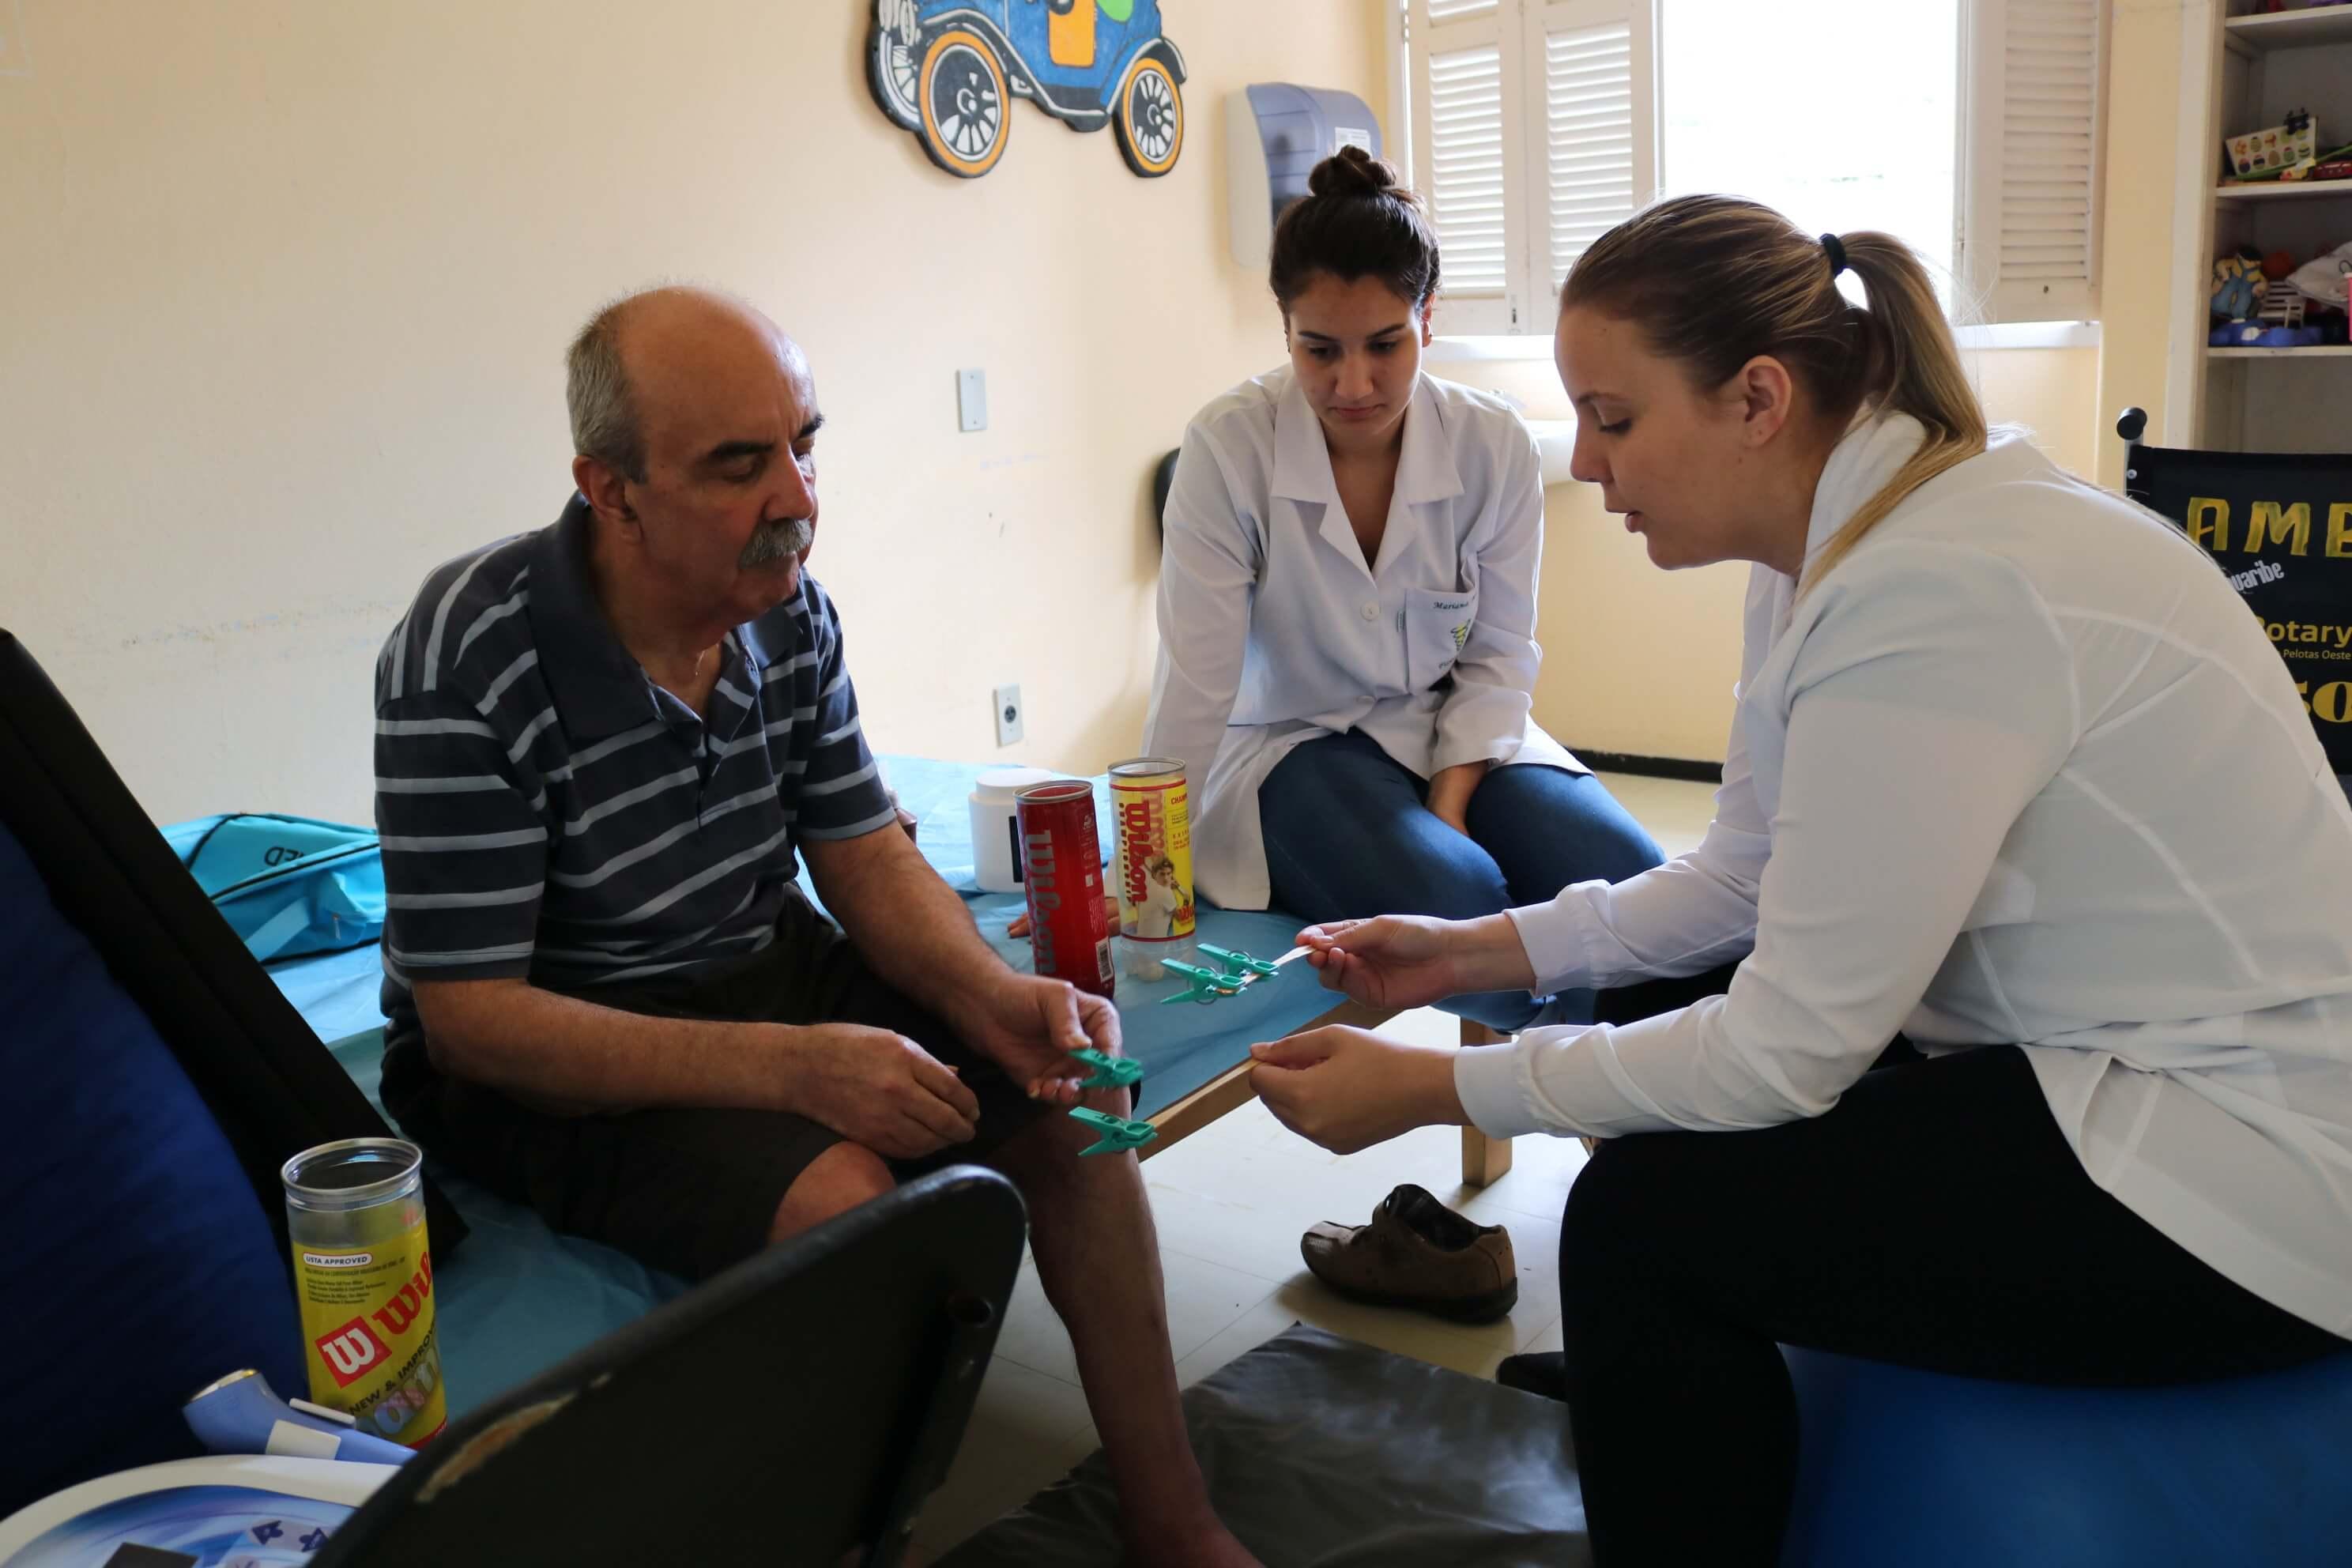 mercado-de-trabalho-estudantes-da-UCPel-alunas-da-fisioterapia-prestam-atendimento-individualizado